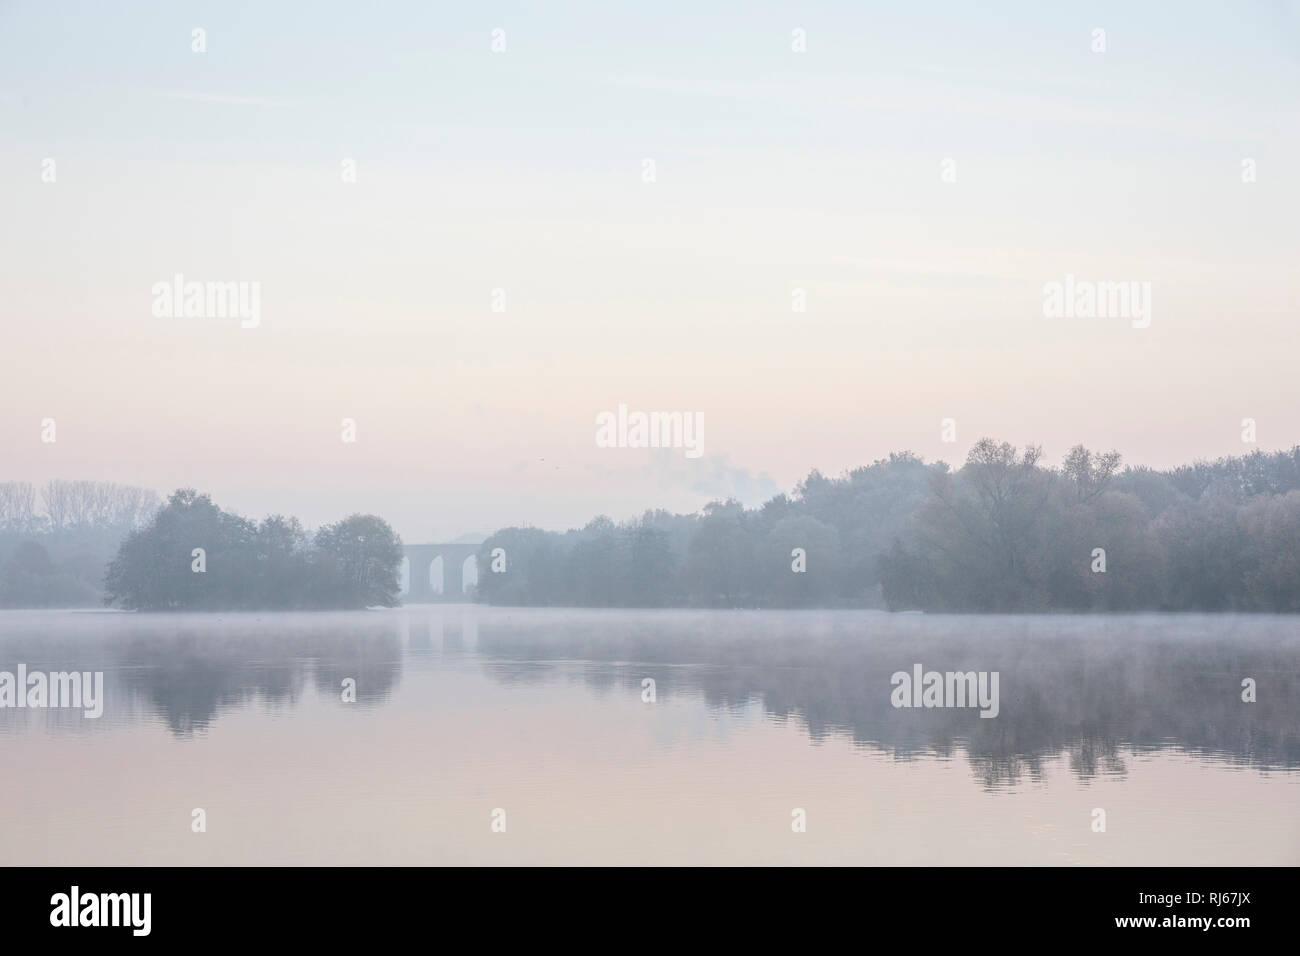 Europa, Deutschland, Nordrhein-Westfalen, Bielefeld, Vor Sonnenaufgang am Obersee, Im Hintergrund: der Schildescher Viadukt, einem der ältesten Zeugni - Stock Image